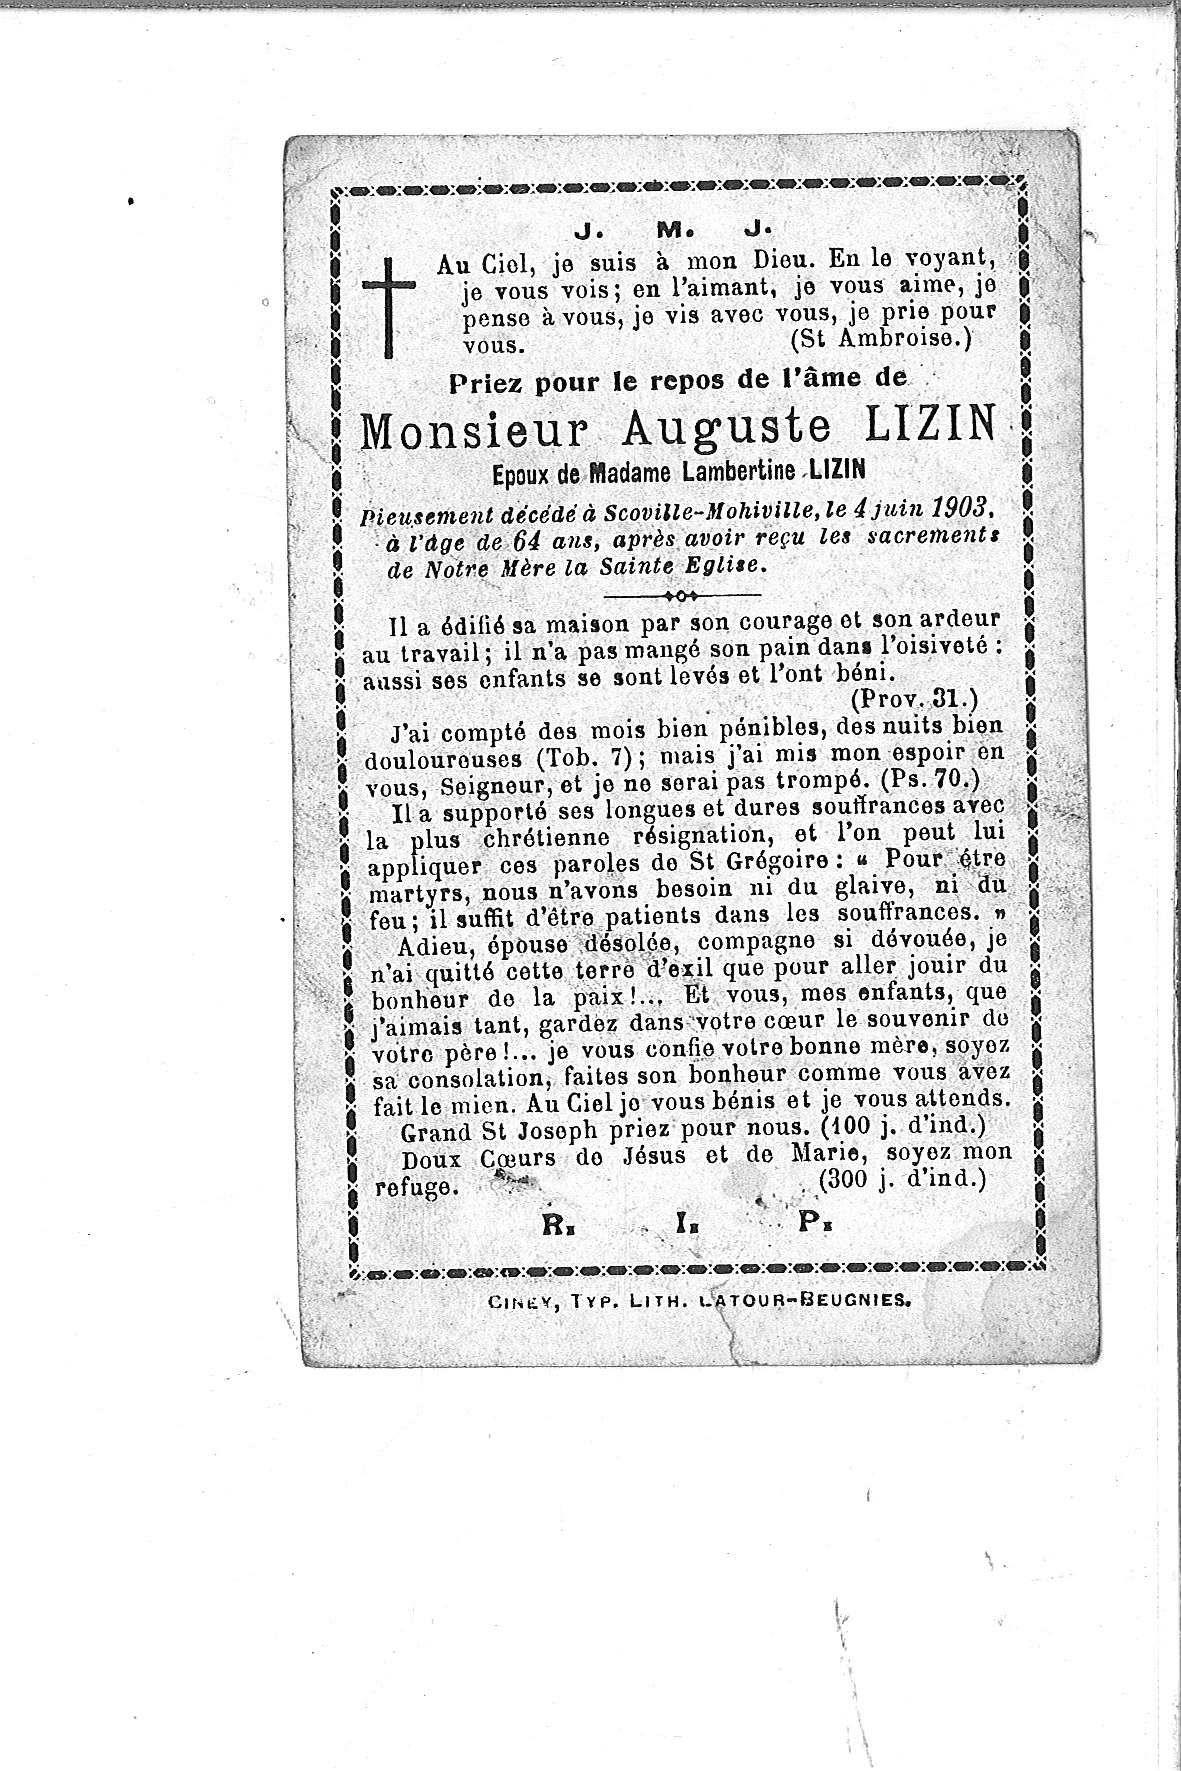 Auguste(1903)20131203145956_00004.jpg